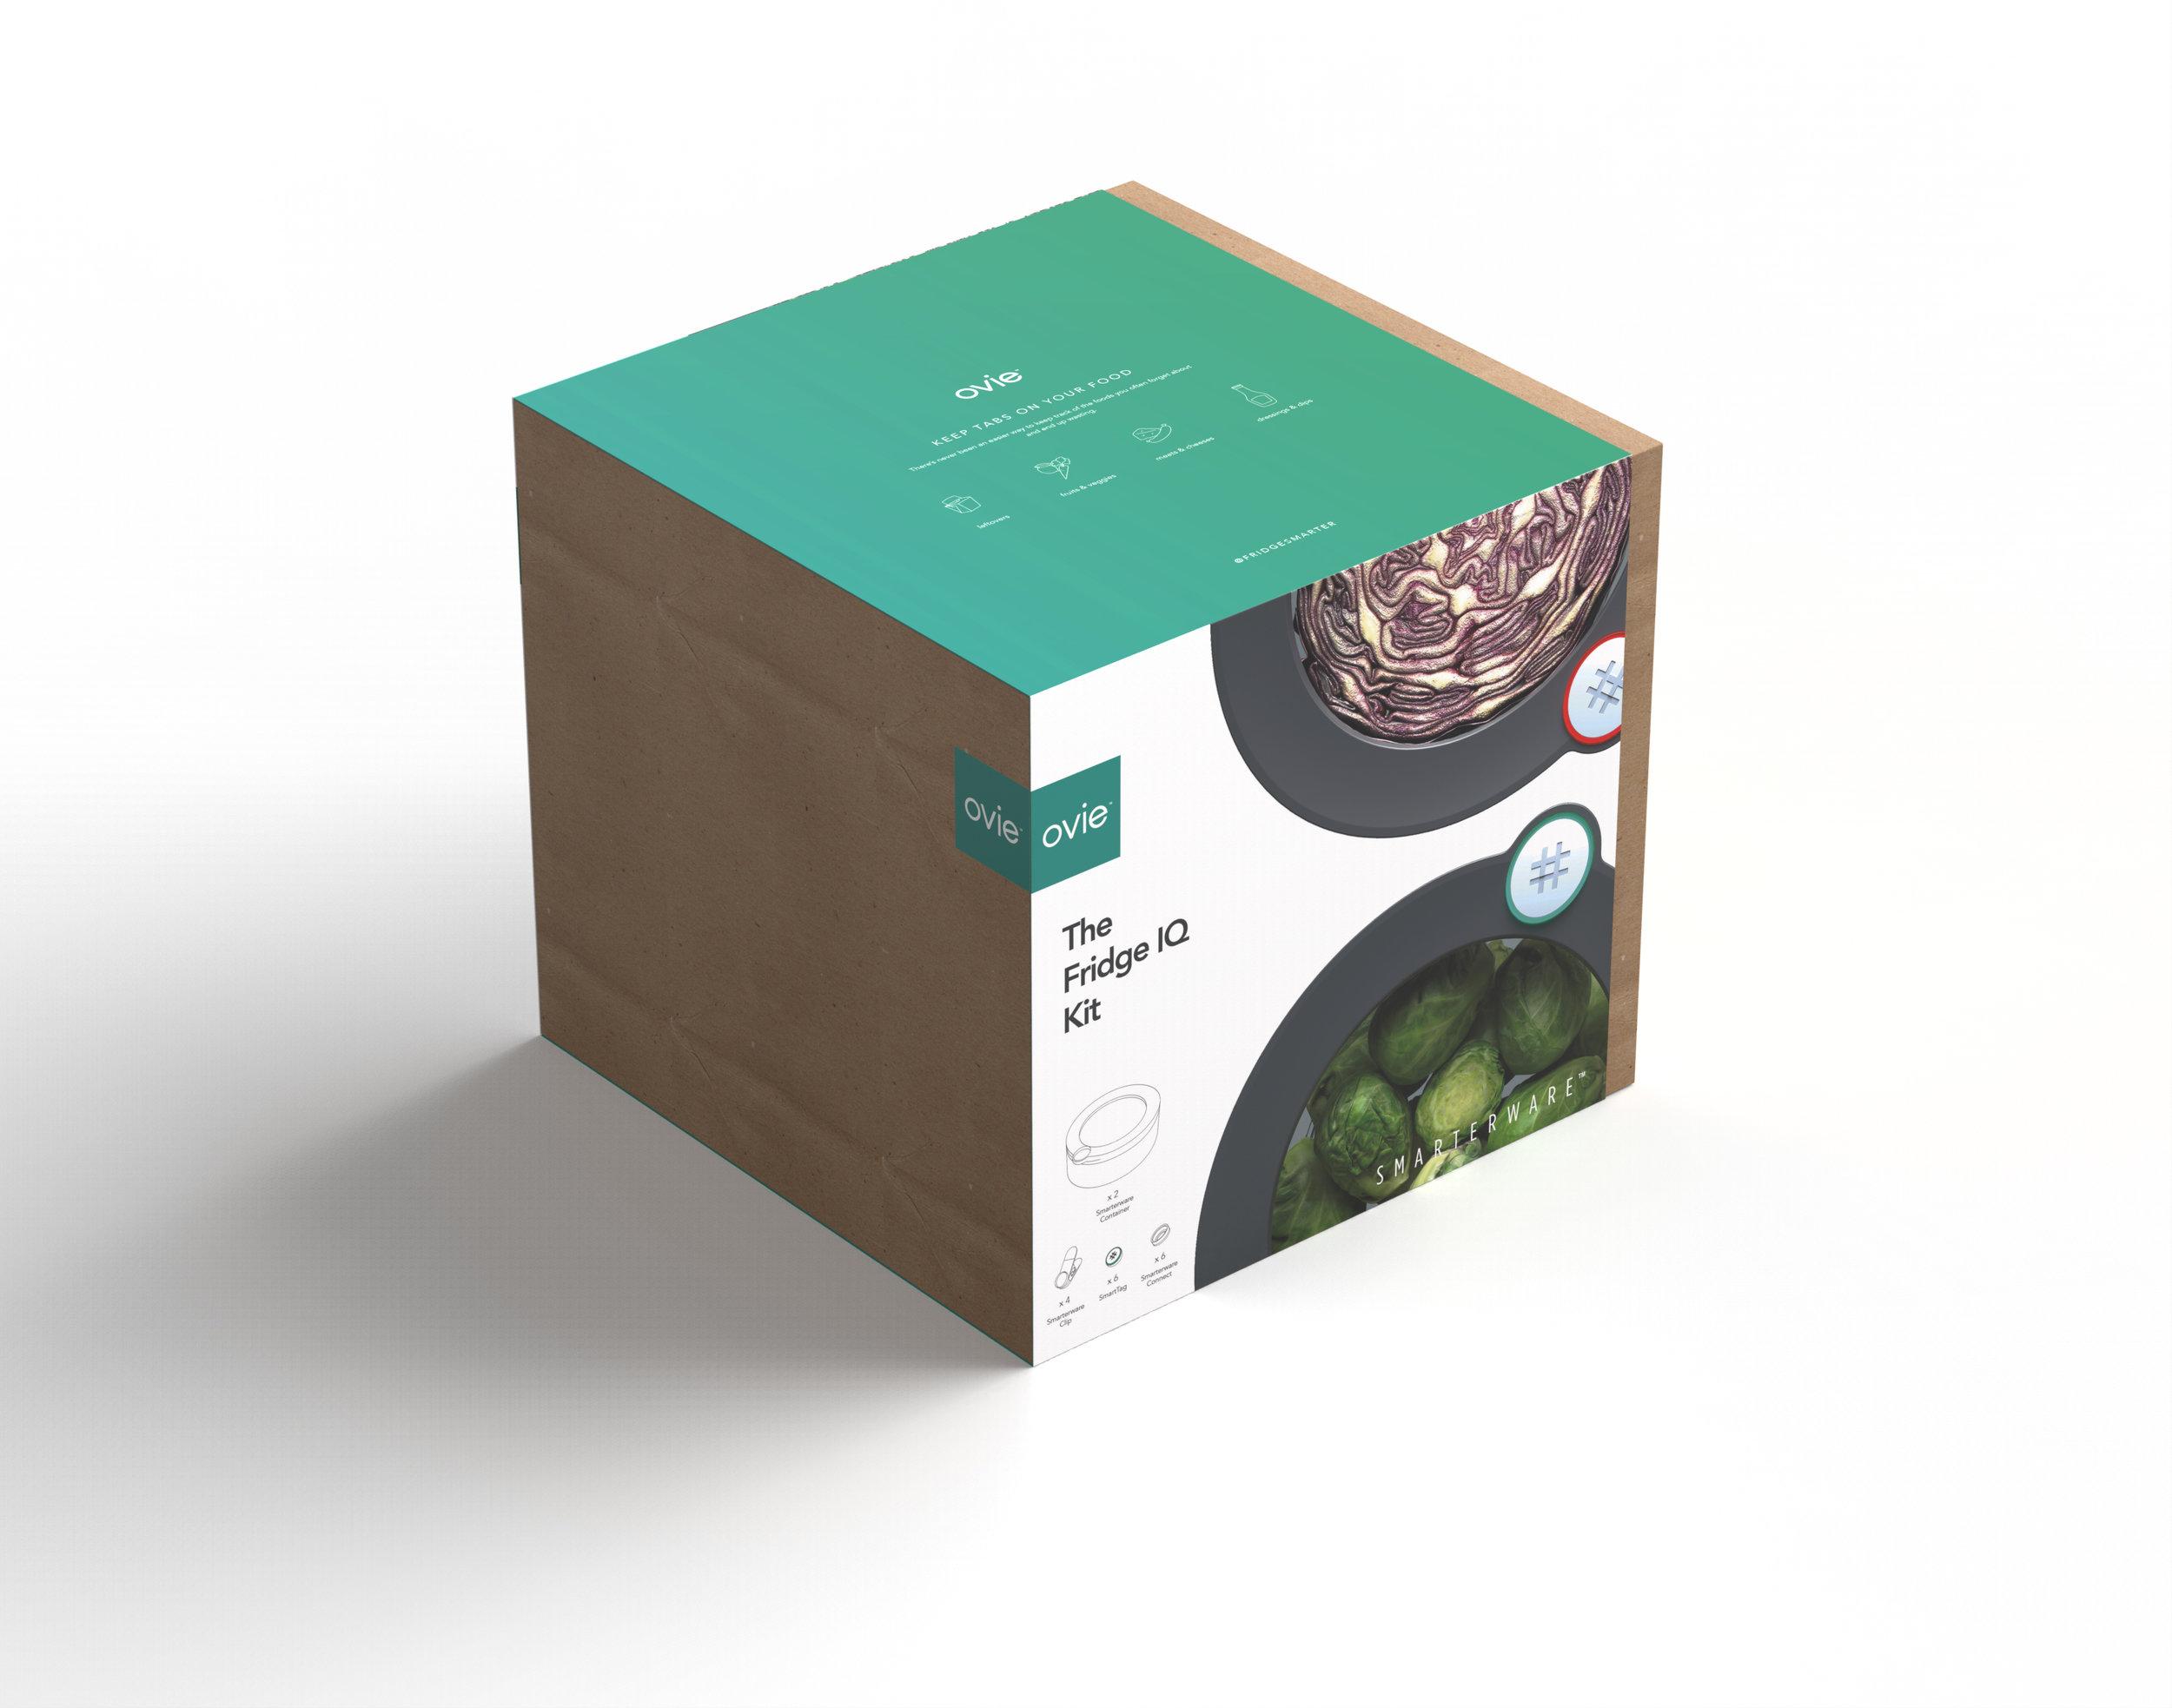 packaging-renderings-01062019.2084.jpg